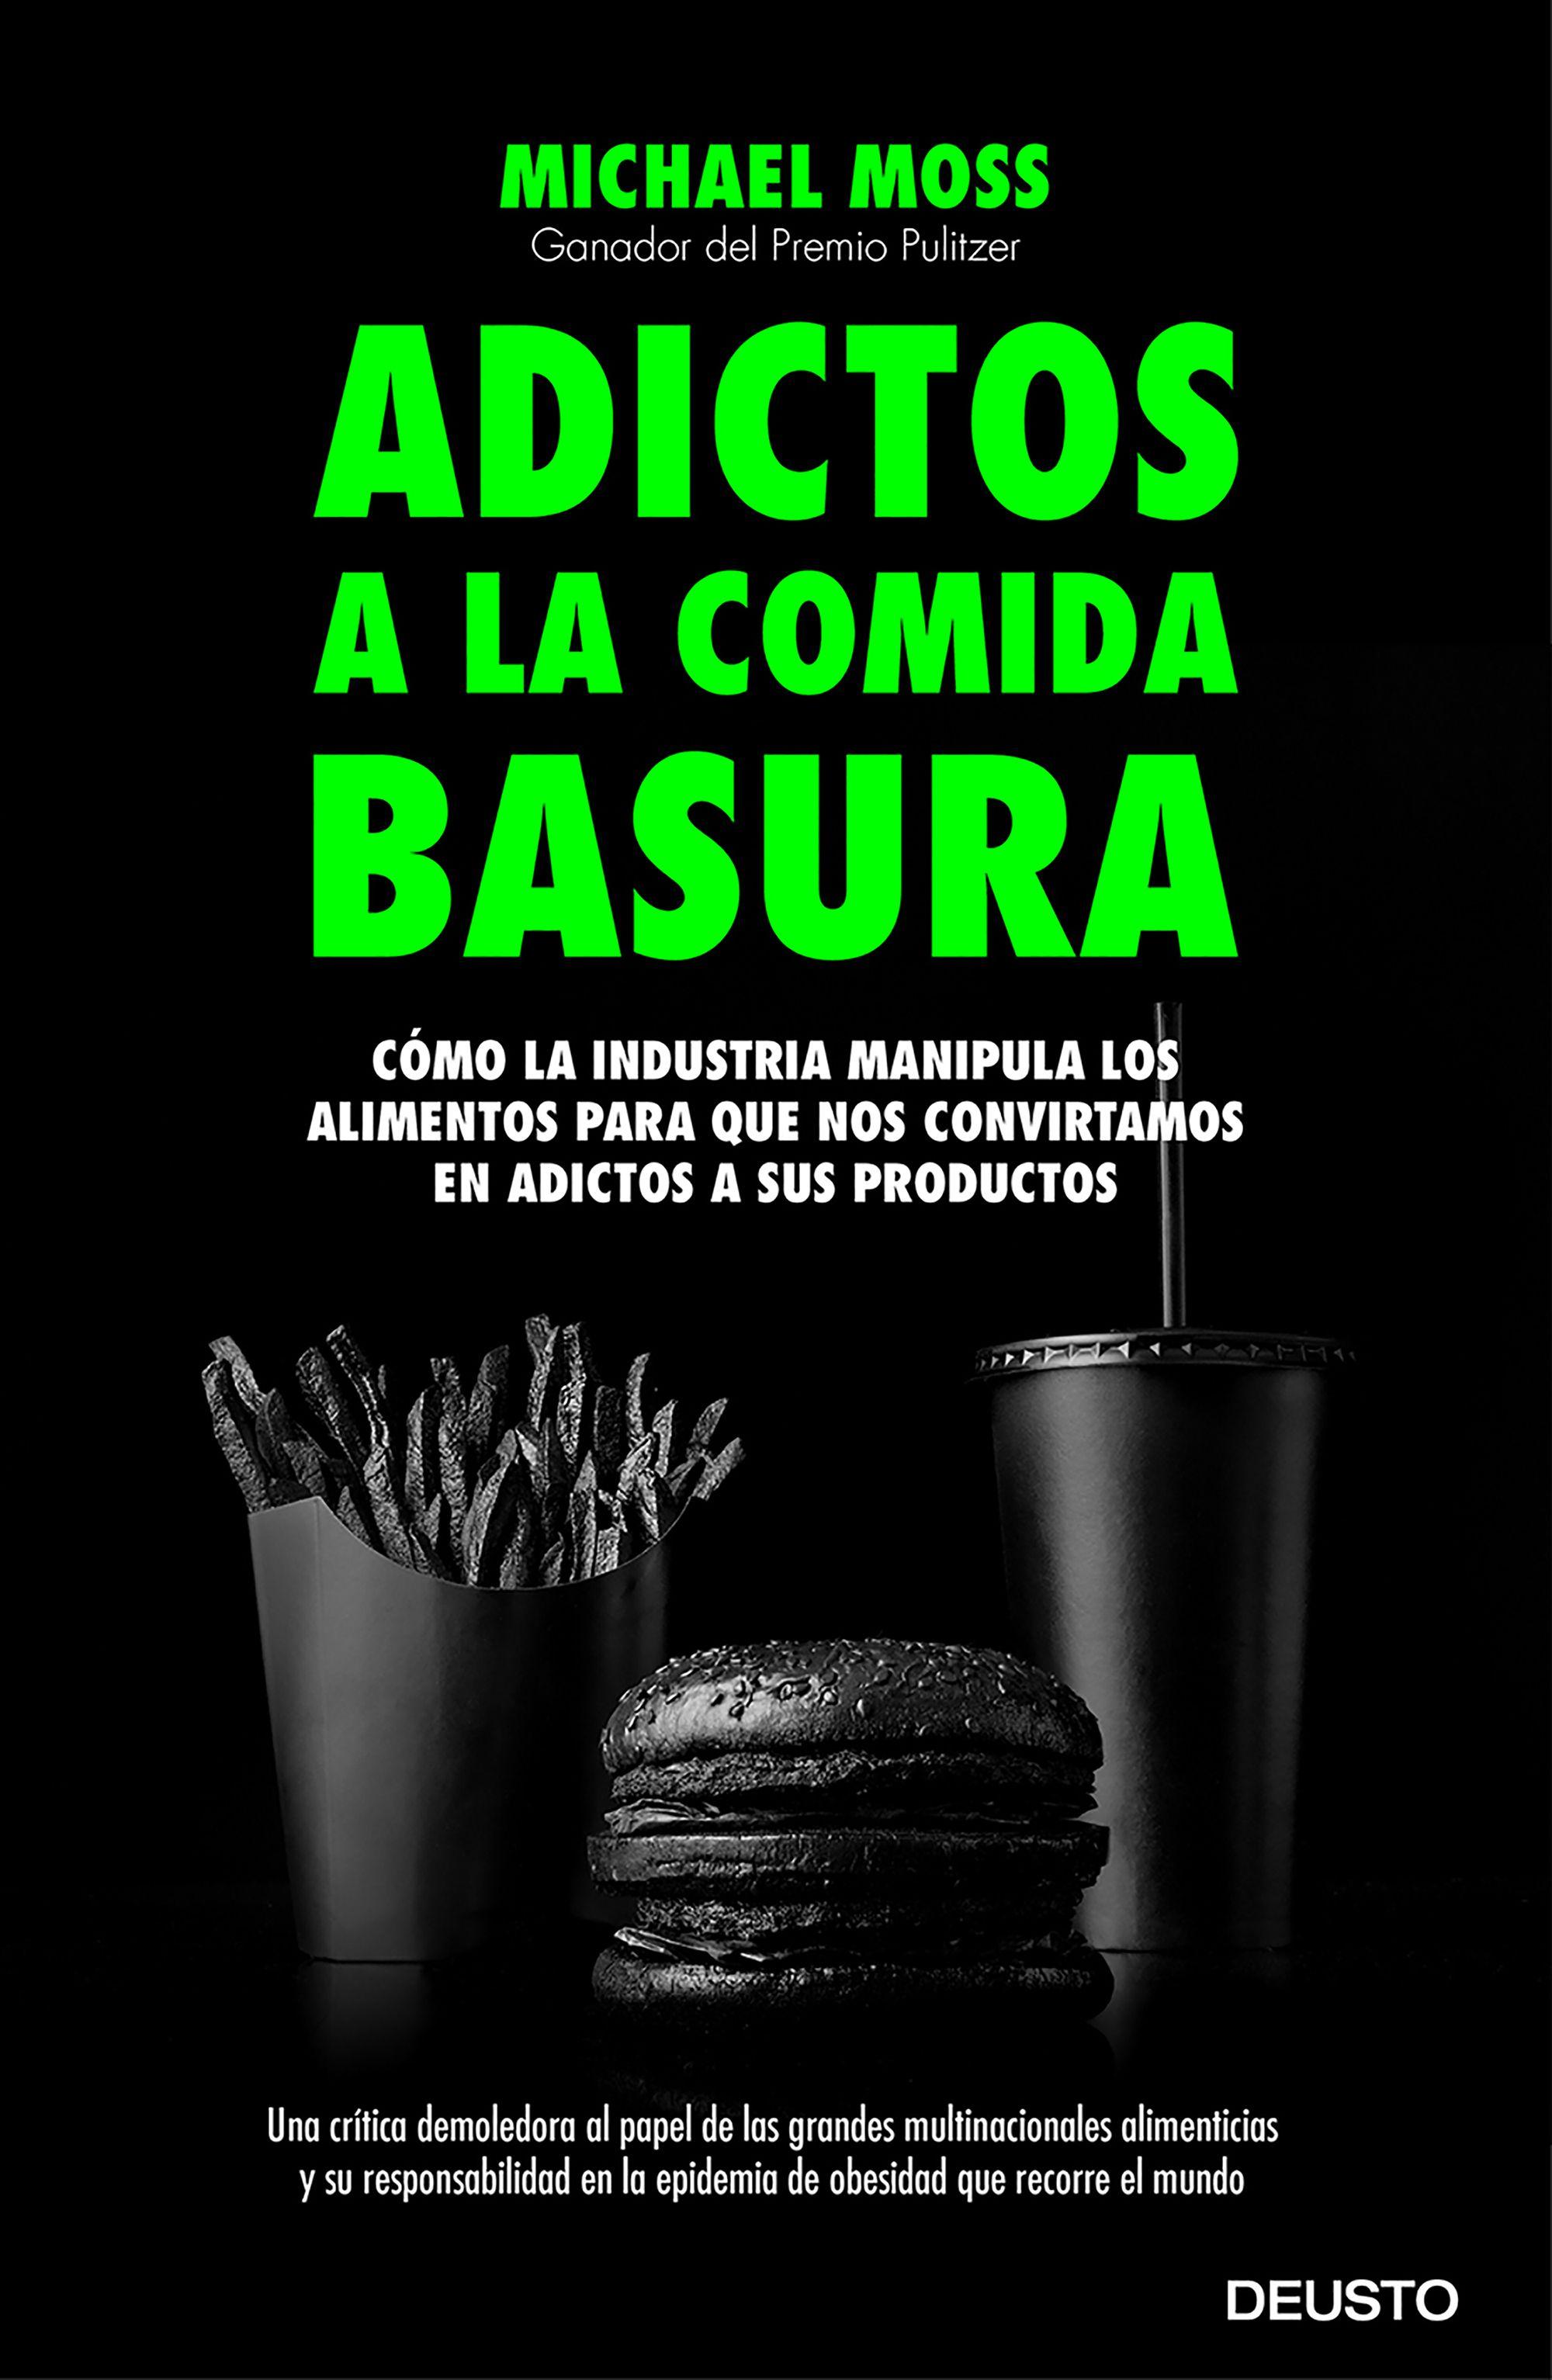 Adictos-a-la-comida-basura